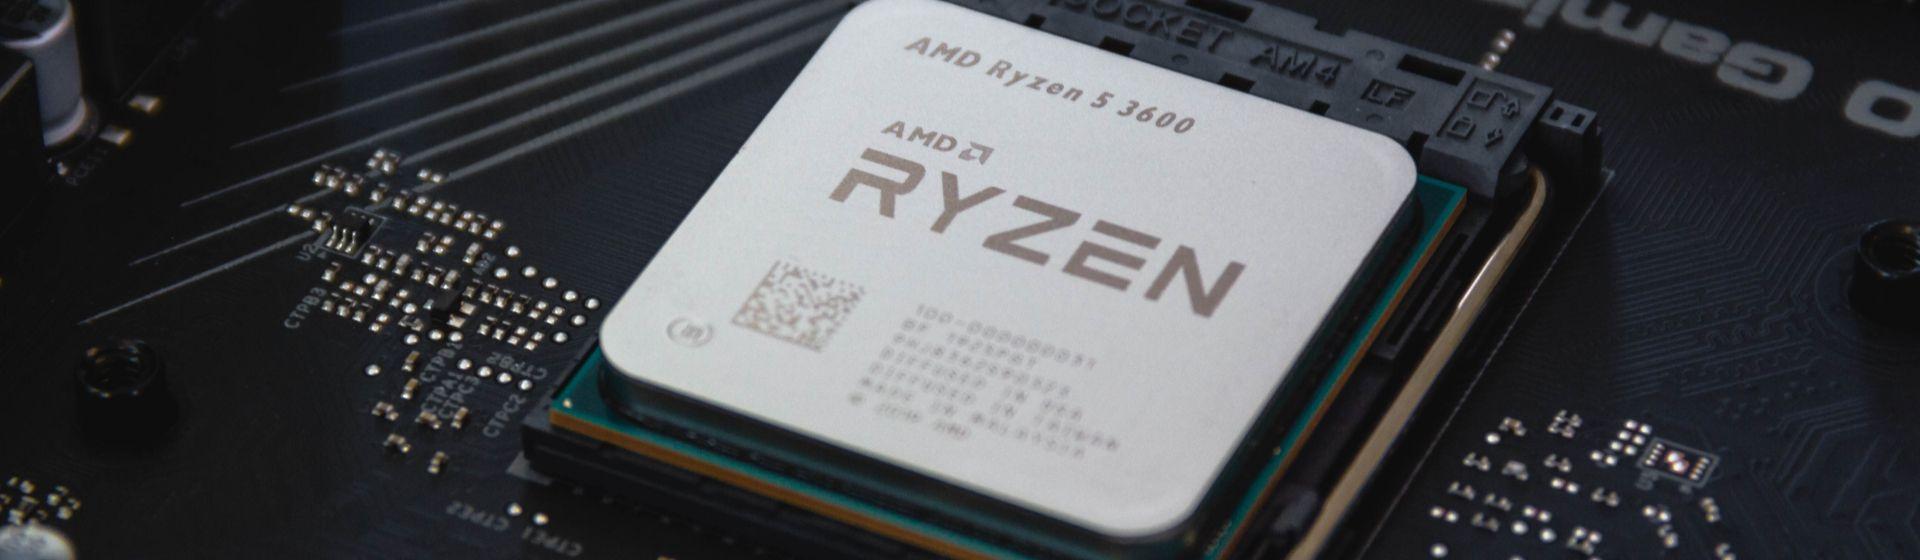 AMD Ryzen 5 3600 é bom? Entenda prós e contras do processador